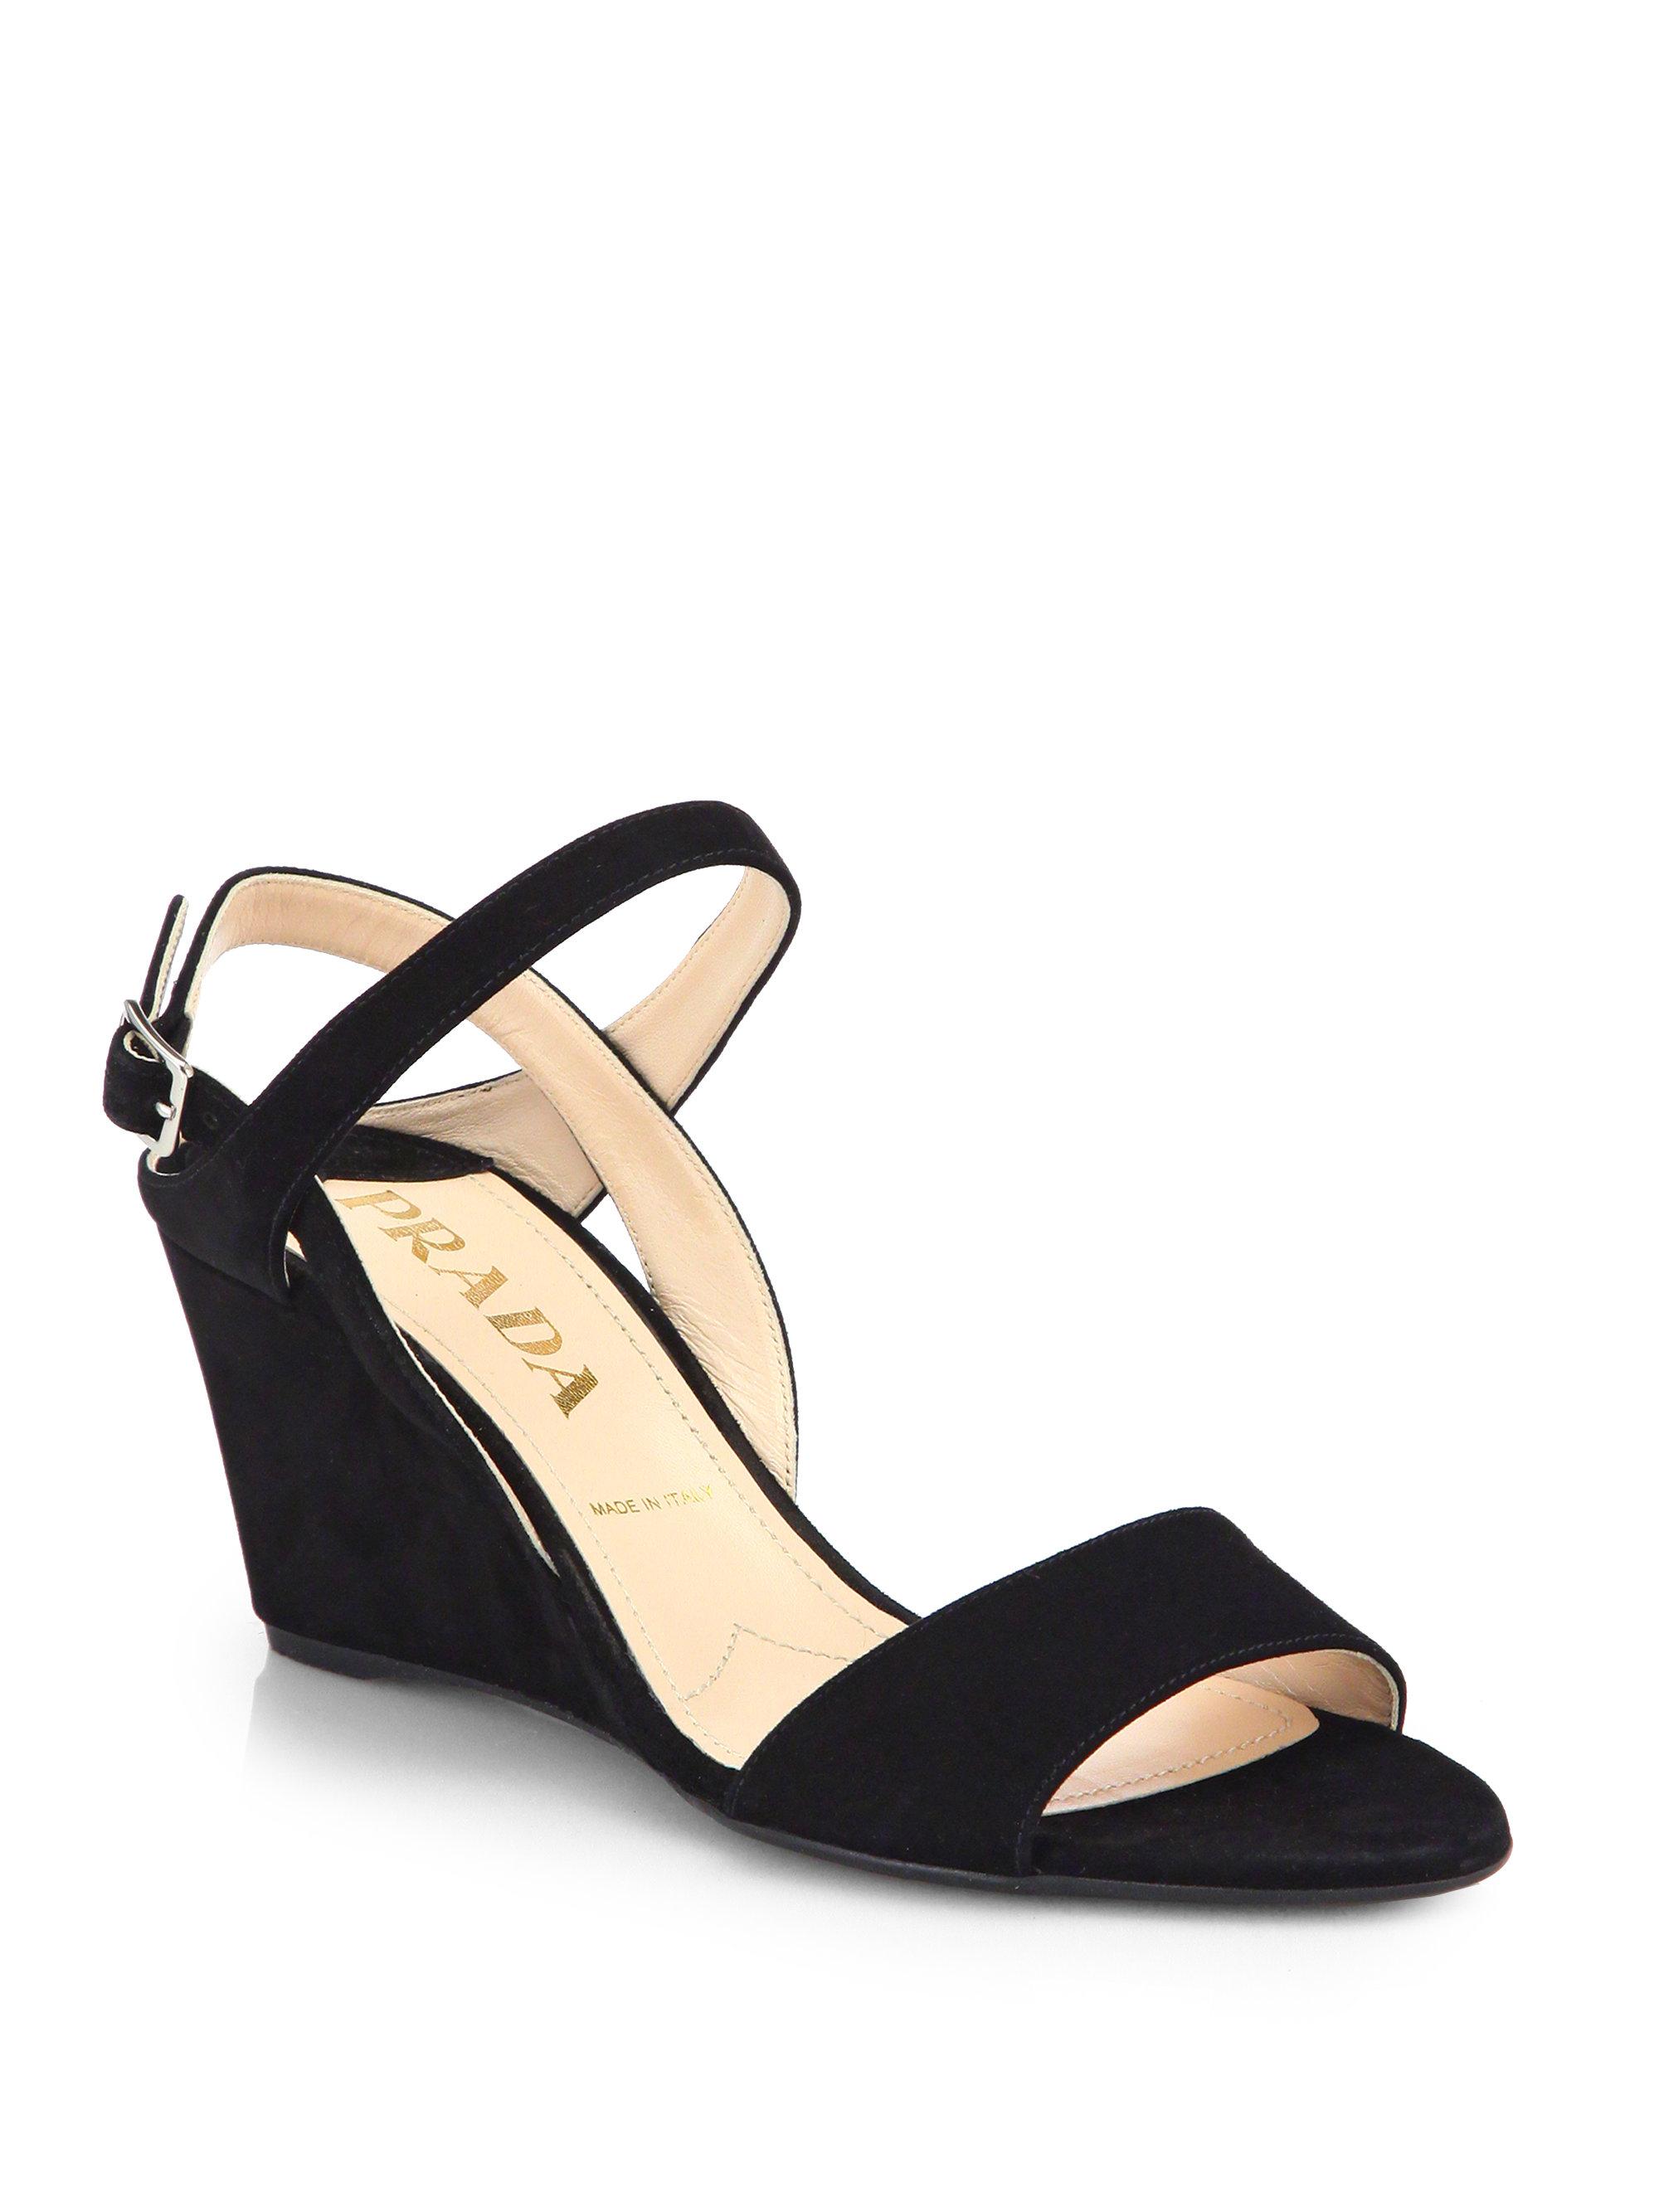 Prada Suede Slingback Wedge Sandals In Black Nero Black